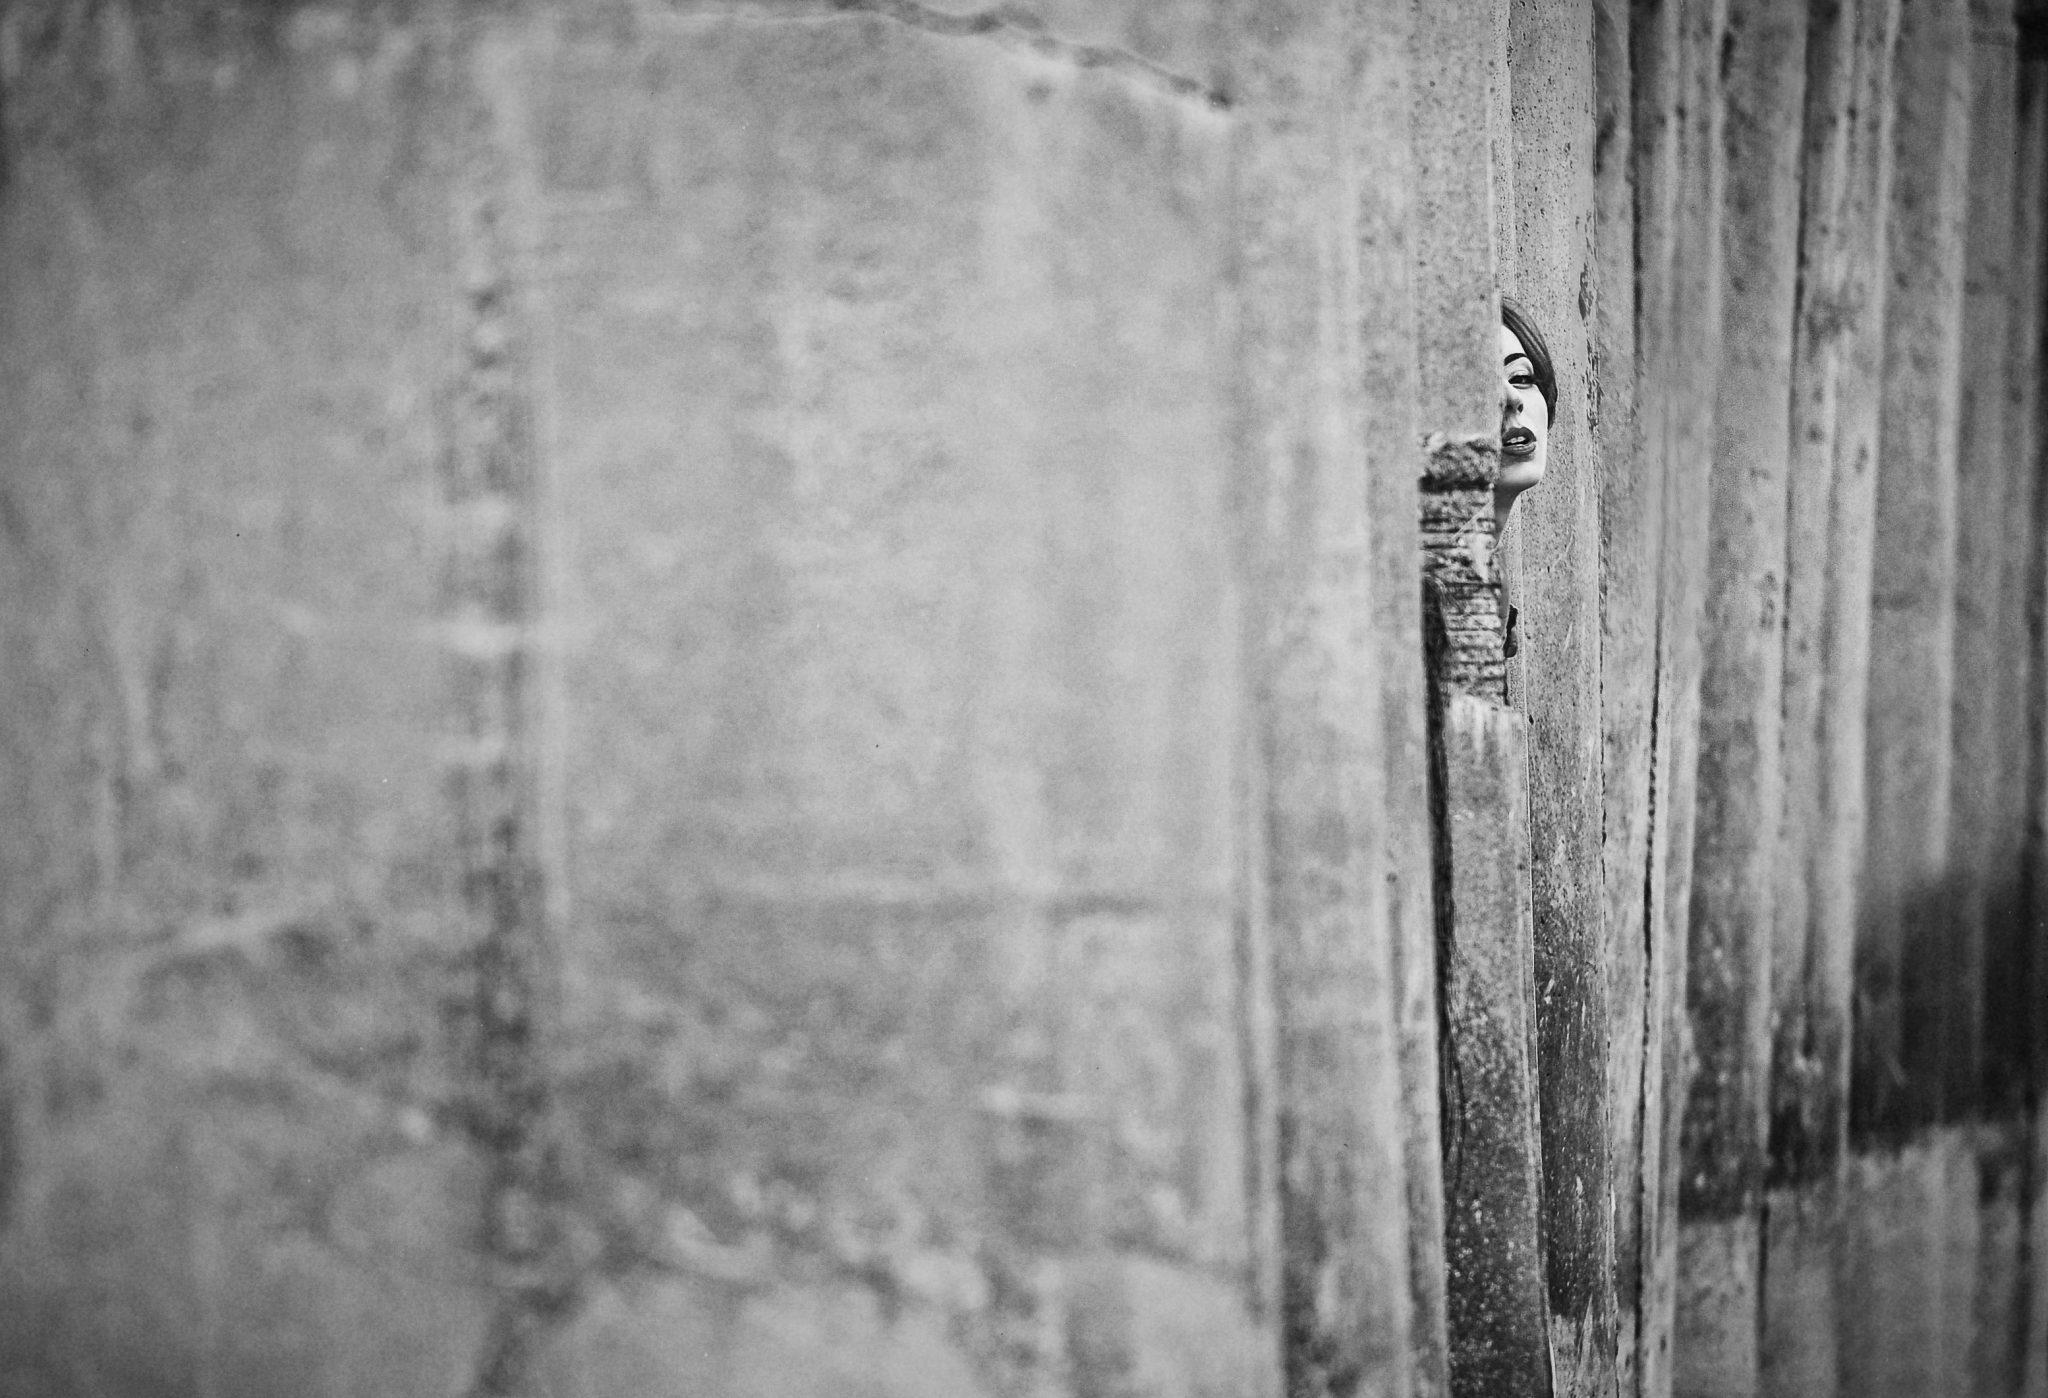 львів львівський у львові львівські фотографи фото фотограф фотографії фотоальбом фотозйомка весілля на весілля весільний весільні весільне портрет хрестини причастя дитяча дитяче діти сімейна сімейне весільні фотографи оскарфото львов львовский львова фотографии свадьба свадебный свадебные на свадьбу портрет крестины децкая децкое дети семейная семейное ВЕСІЛЬНА ФОТОЗЙОМКА У ЛЬВОВІ, ВЕСІЛЬНЕ ФОТО ЛЬВІВ, ФОТОГРАФ НА ВЕСІЛЛЯ У ЛЬВОВІ, ВЕСІЛЬНА ФОТОЗЙОМКА ЛЬВІВ, ВЕСІЛЬНЕ ФОТО У ЛЬВОВІ, ВЕСІЛЬНИЙ ФОТОГРАФ ЛЬВІВ Весілля, Урочисті події, Презентації, Корпоративи, Вечірки, Бізнес-зустрічі,Прийоми та Фуршети, Ювілеї, Дні народження, Зустрічі випусників, Дитячі святкування , Портретна, Дитяча, Сімейна фотографія, - Рекламне фото - Інтер'єрів, Екстер'єрів, Архітектури, Витворів Мистецтва Художня обробка фото, ретуш і реставрація. Виготовлення весільних слайд-шоу,фотожурналів, альбомів та фотокниг.